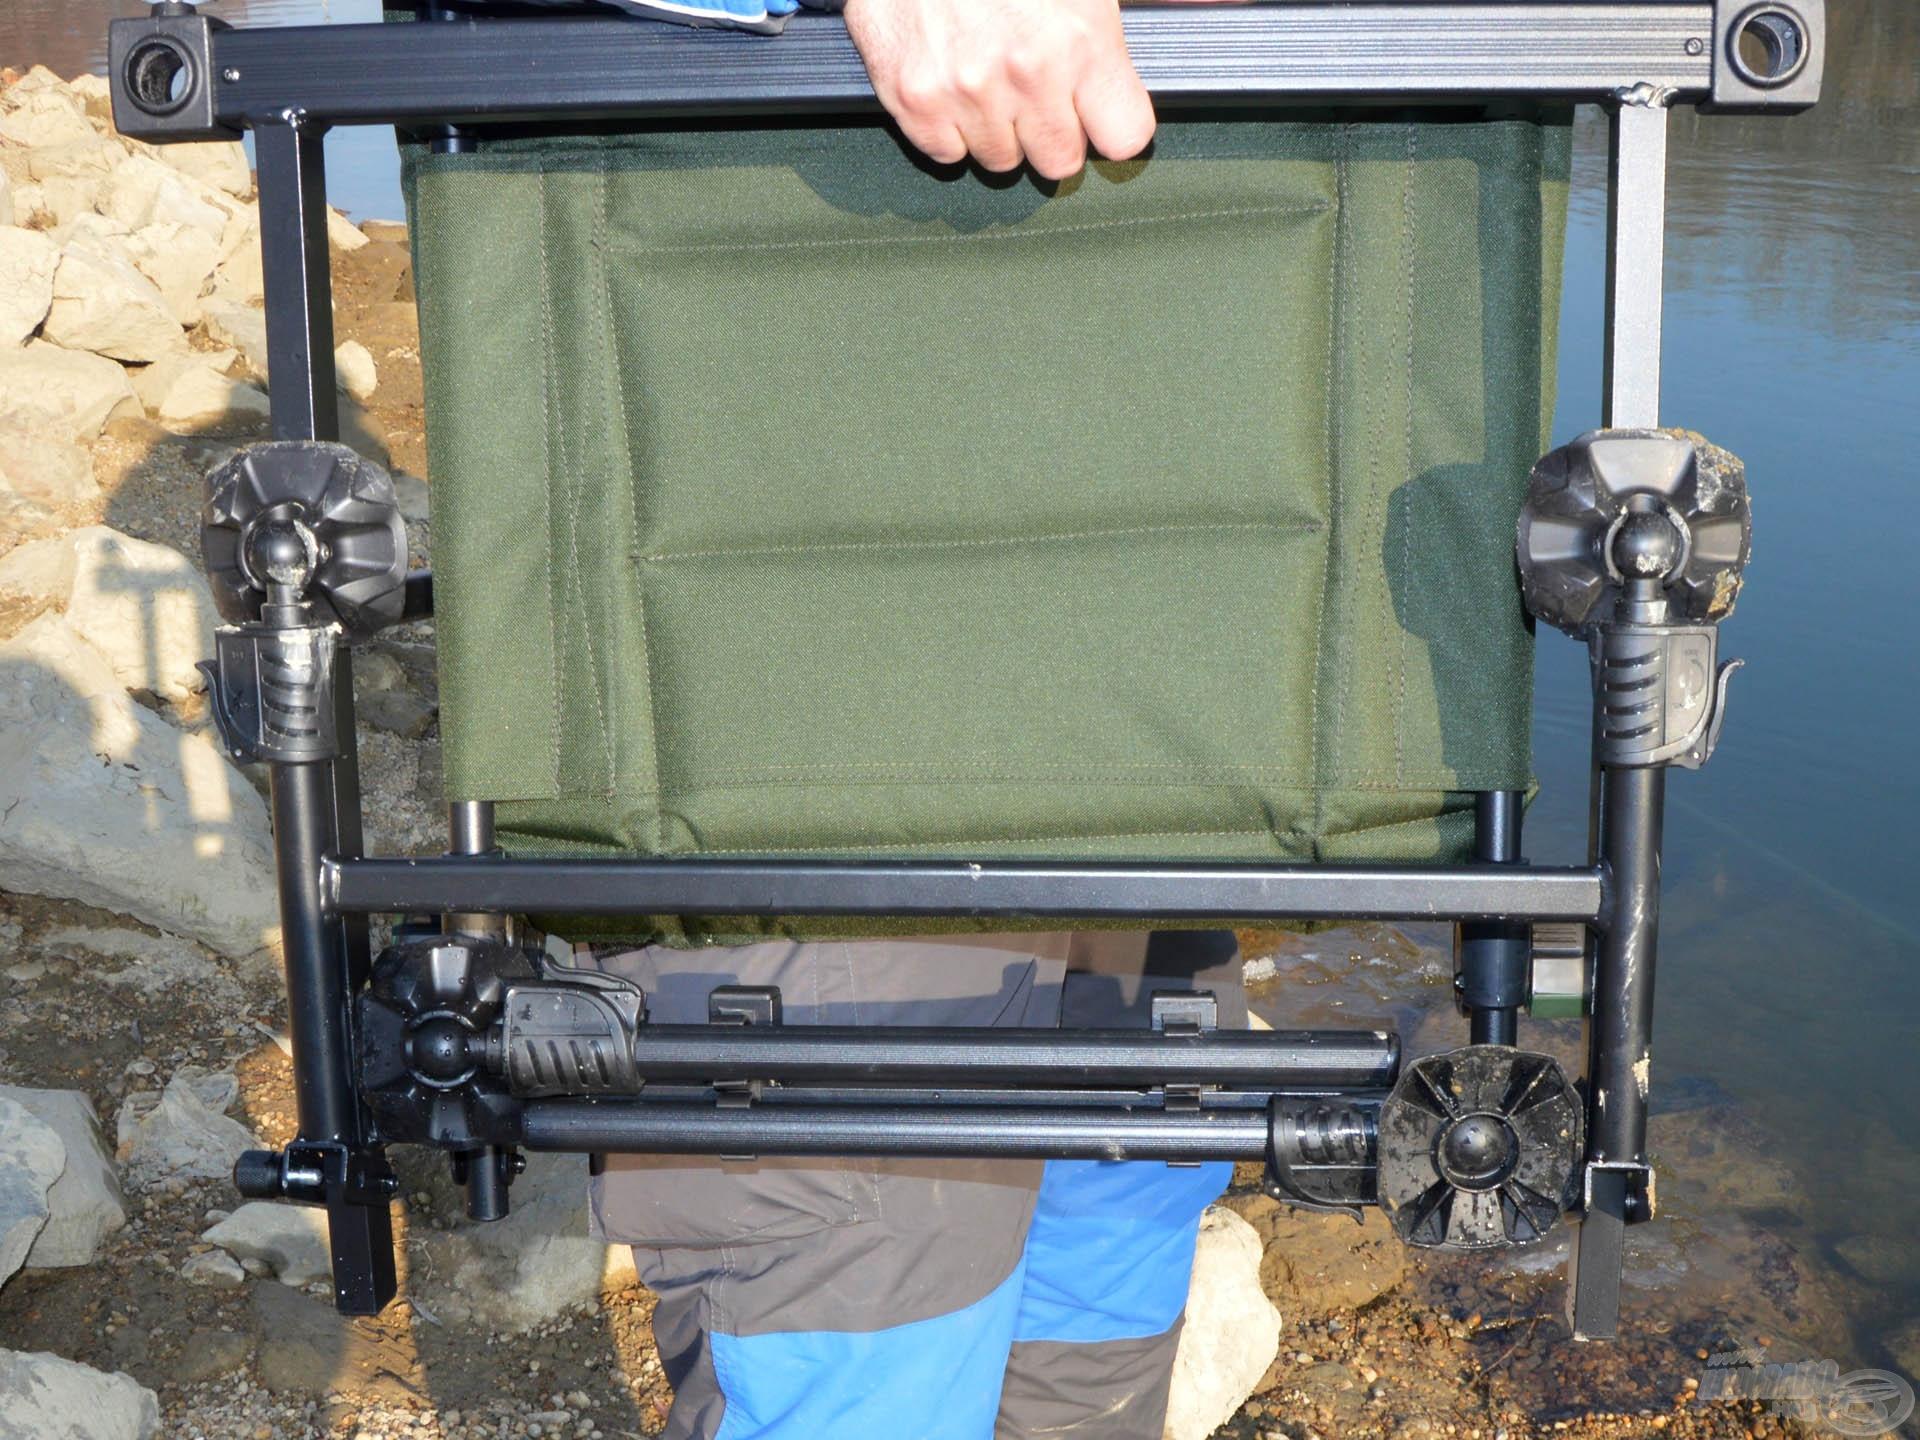 A széket össze lehet csukni, a lábak az ülőfelület alatti tartóba pattintva szállíthatóak